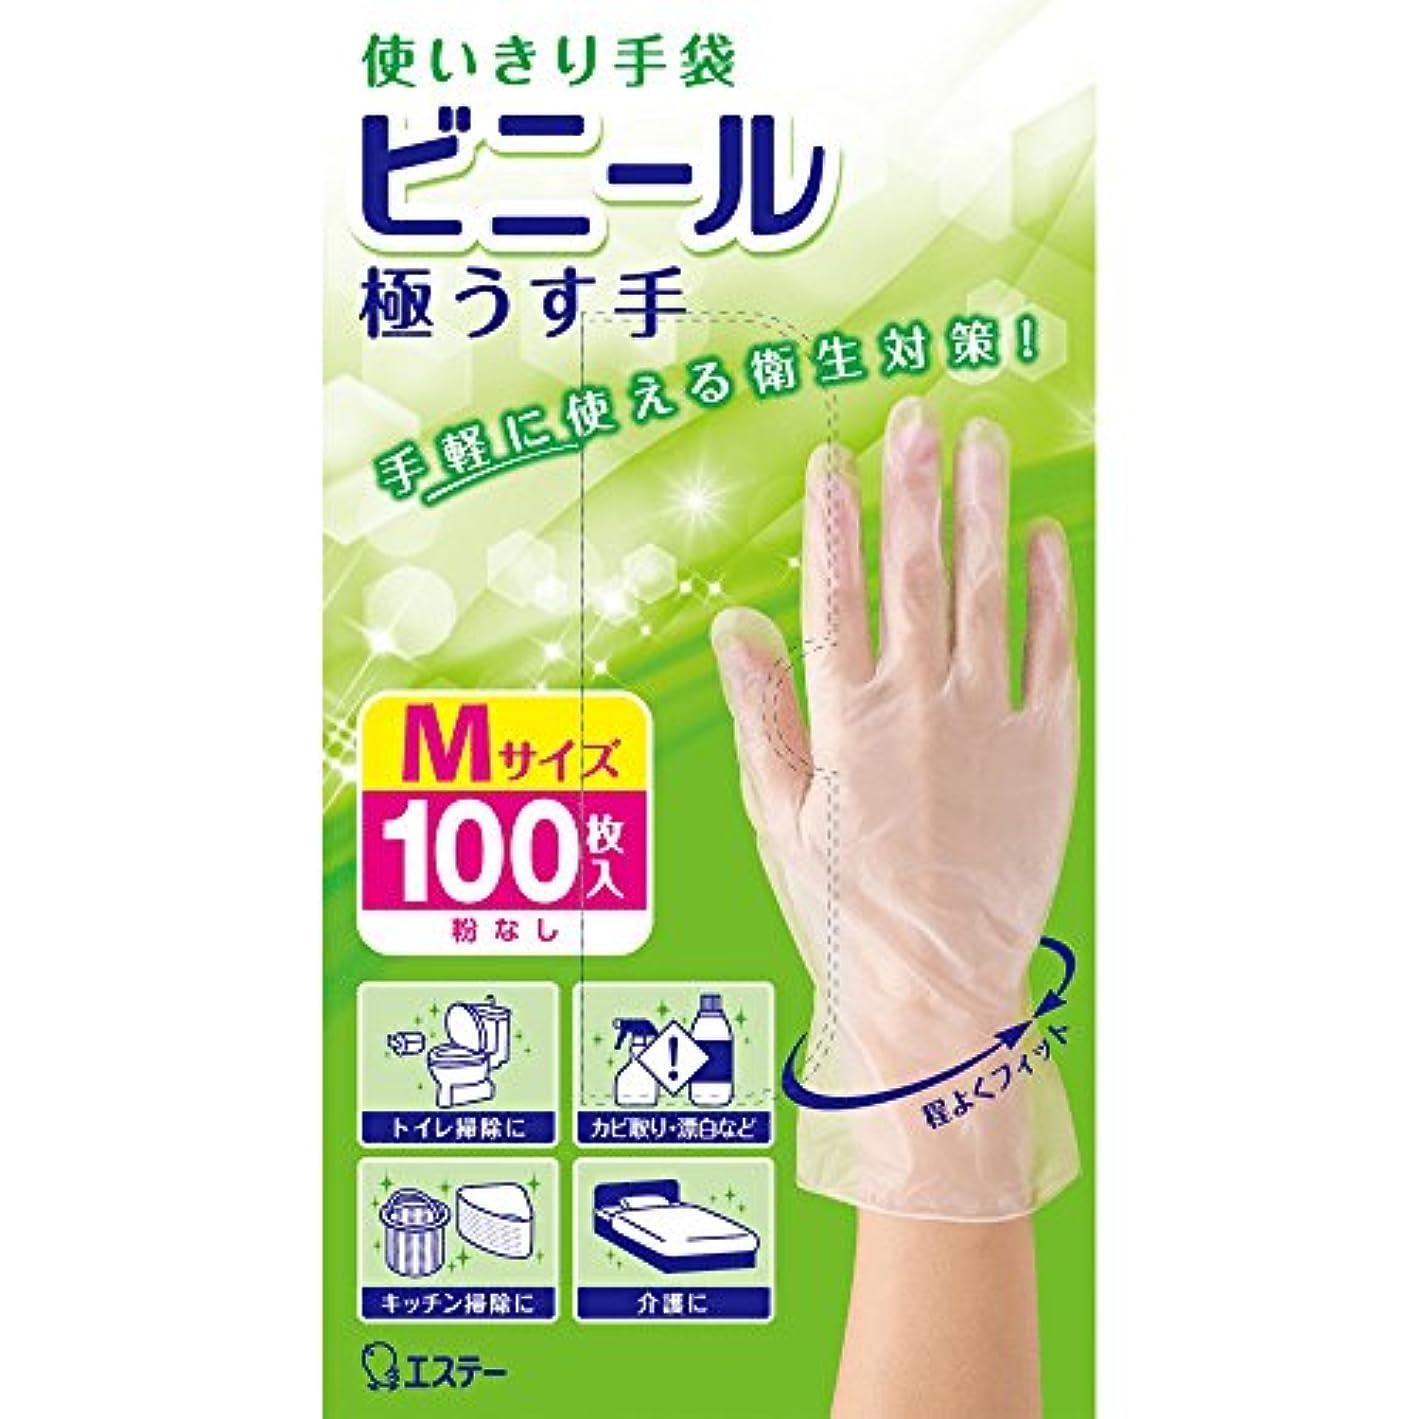 使いきり手袋 ビニール 極うす手 炊事?掃除用 Mサイズ 半透明 100枚